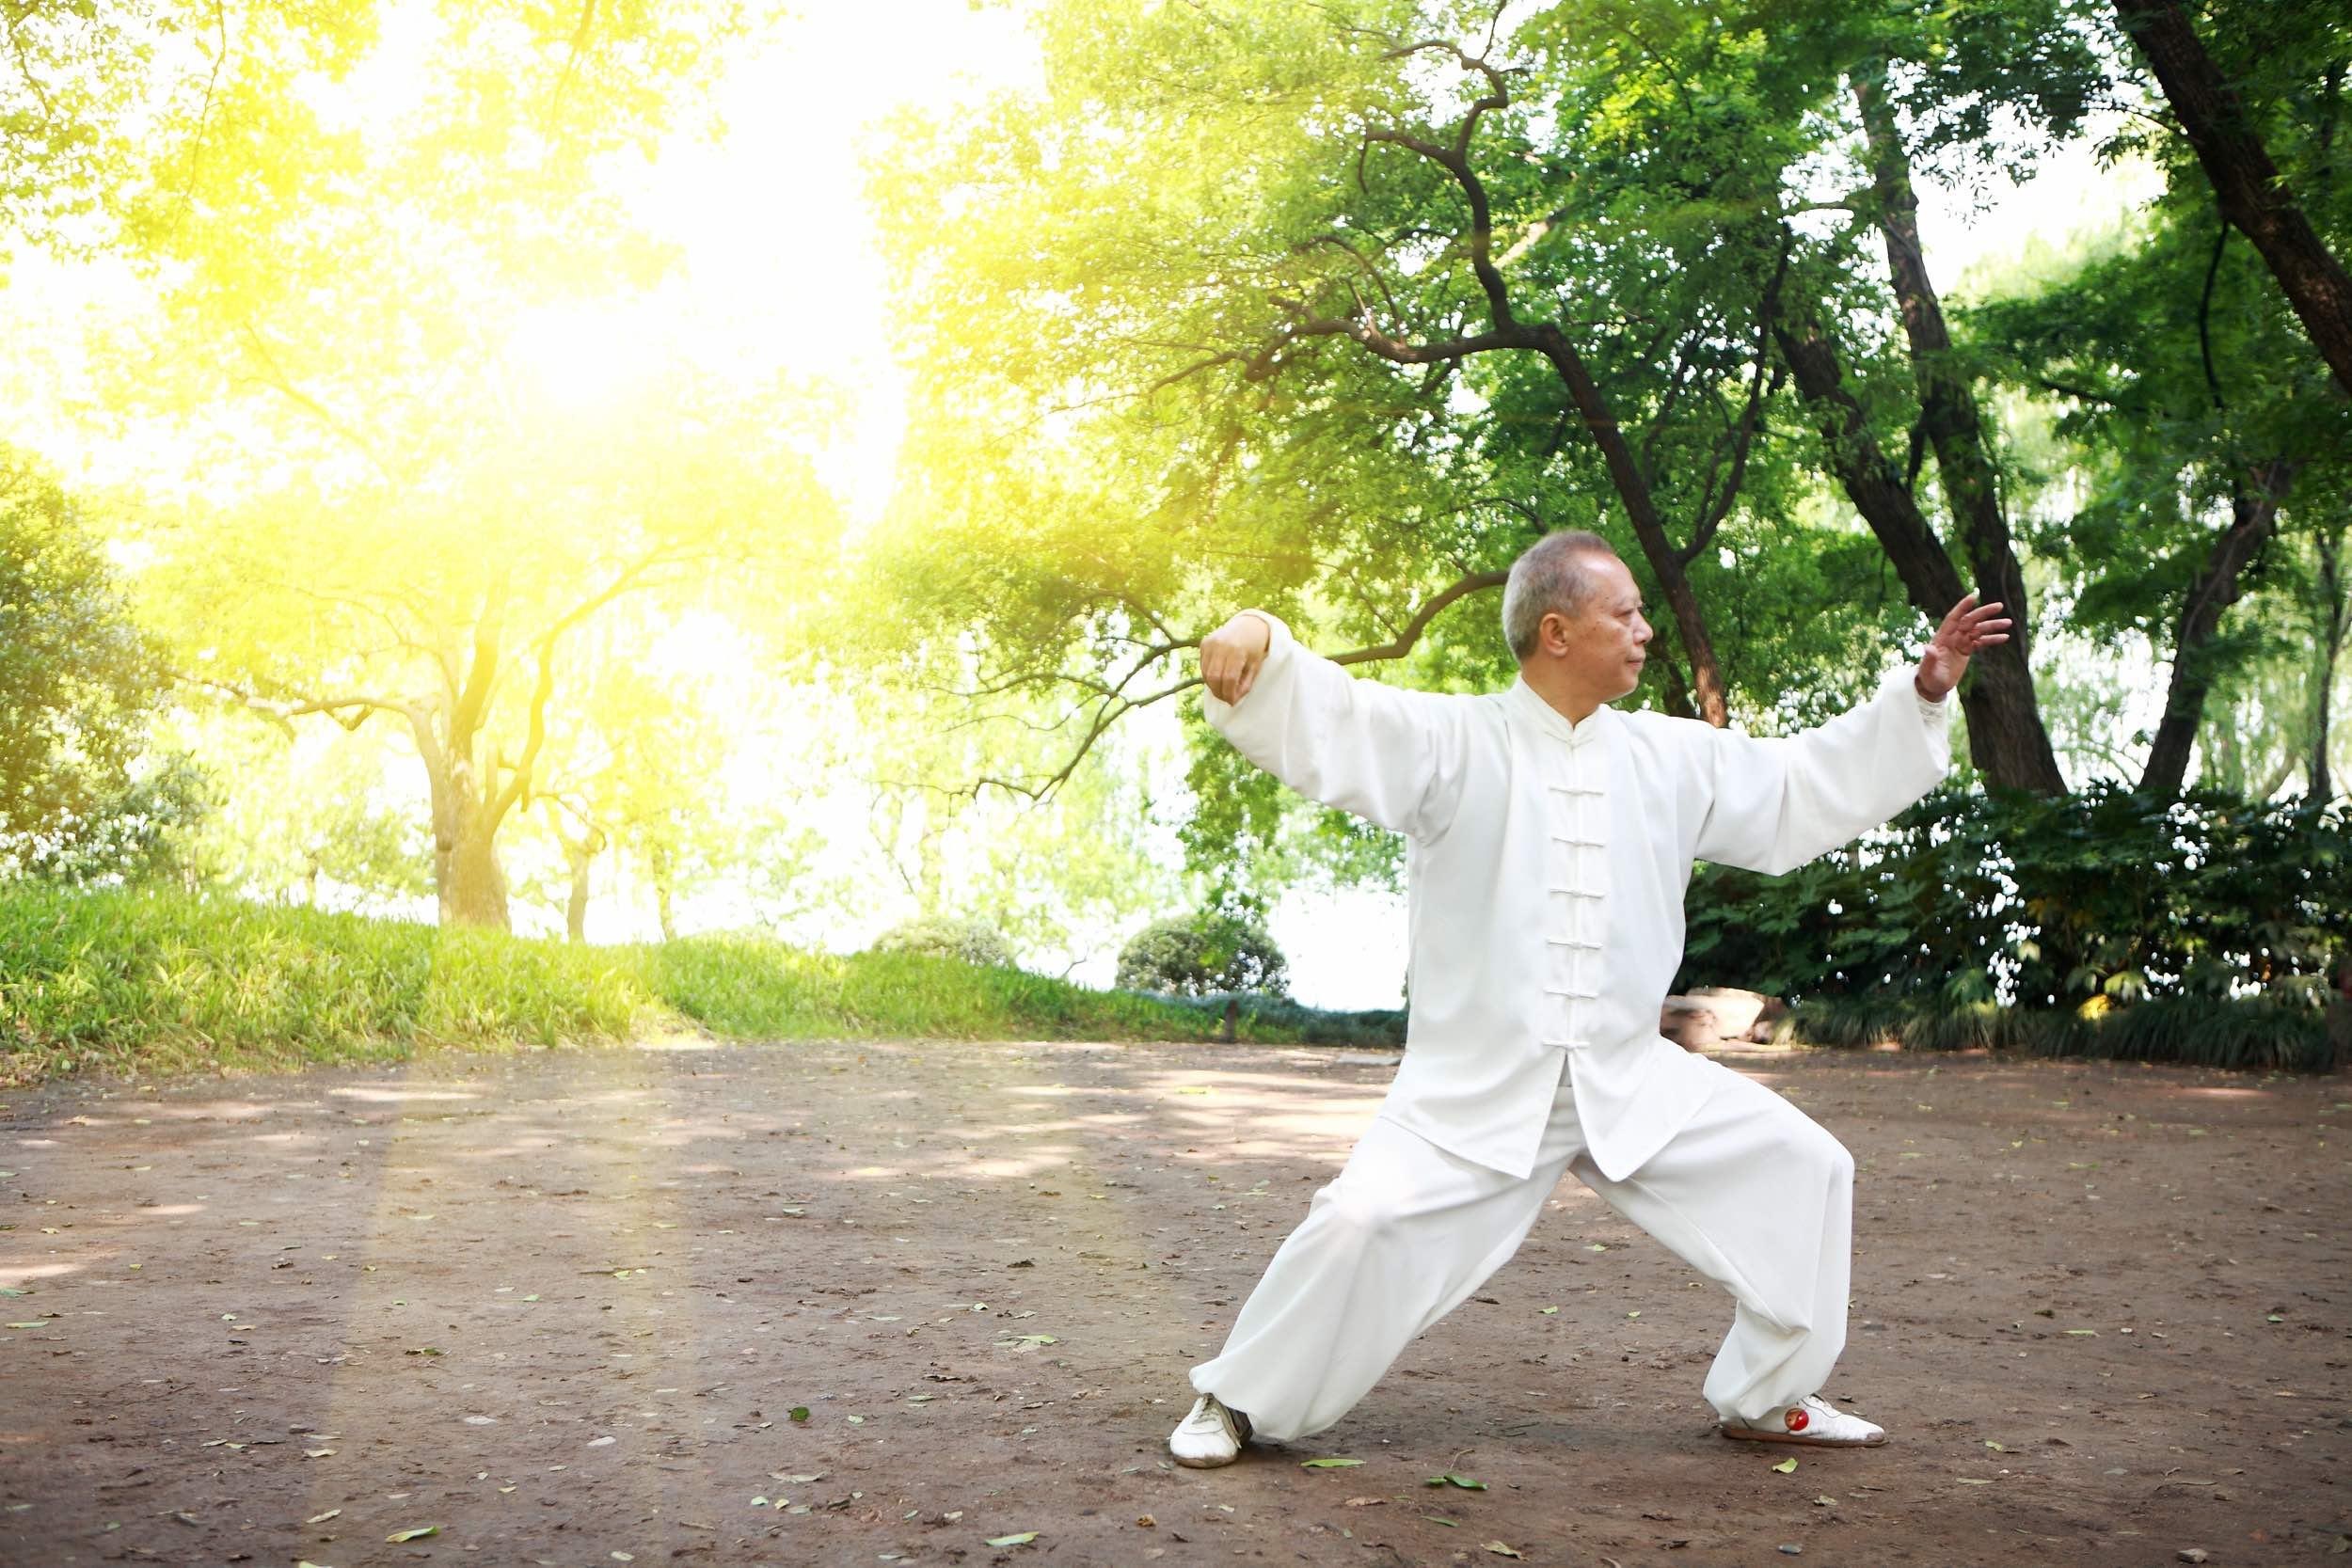 Chinese man doing tai chi